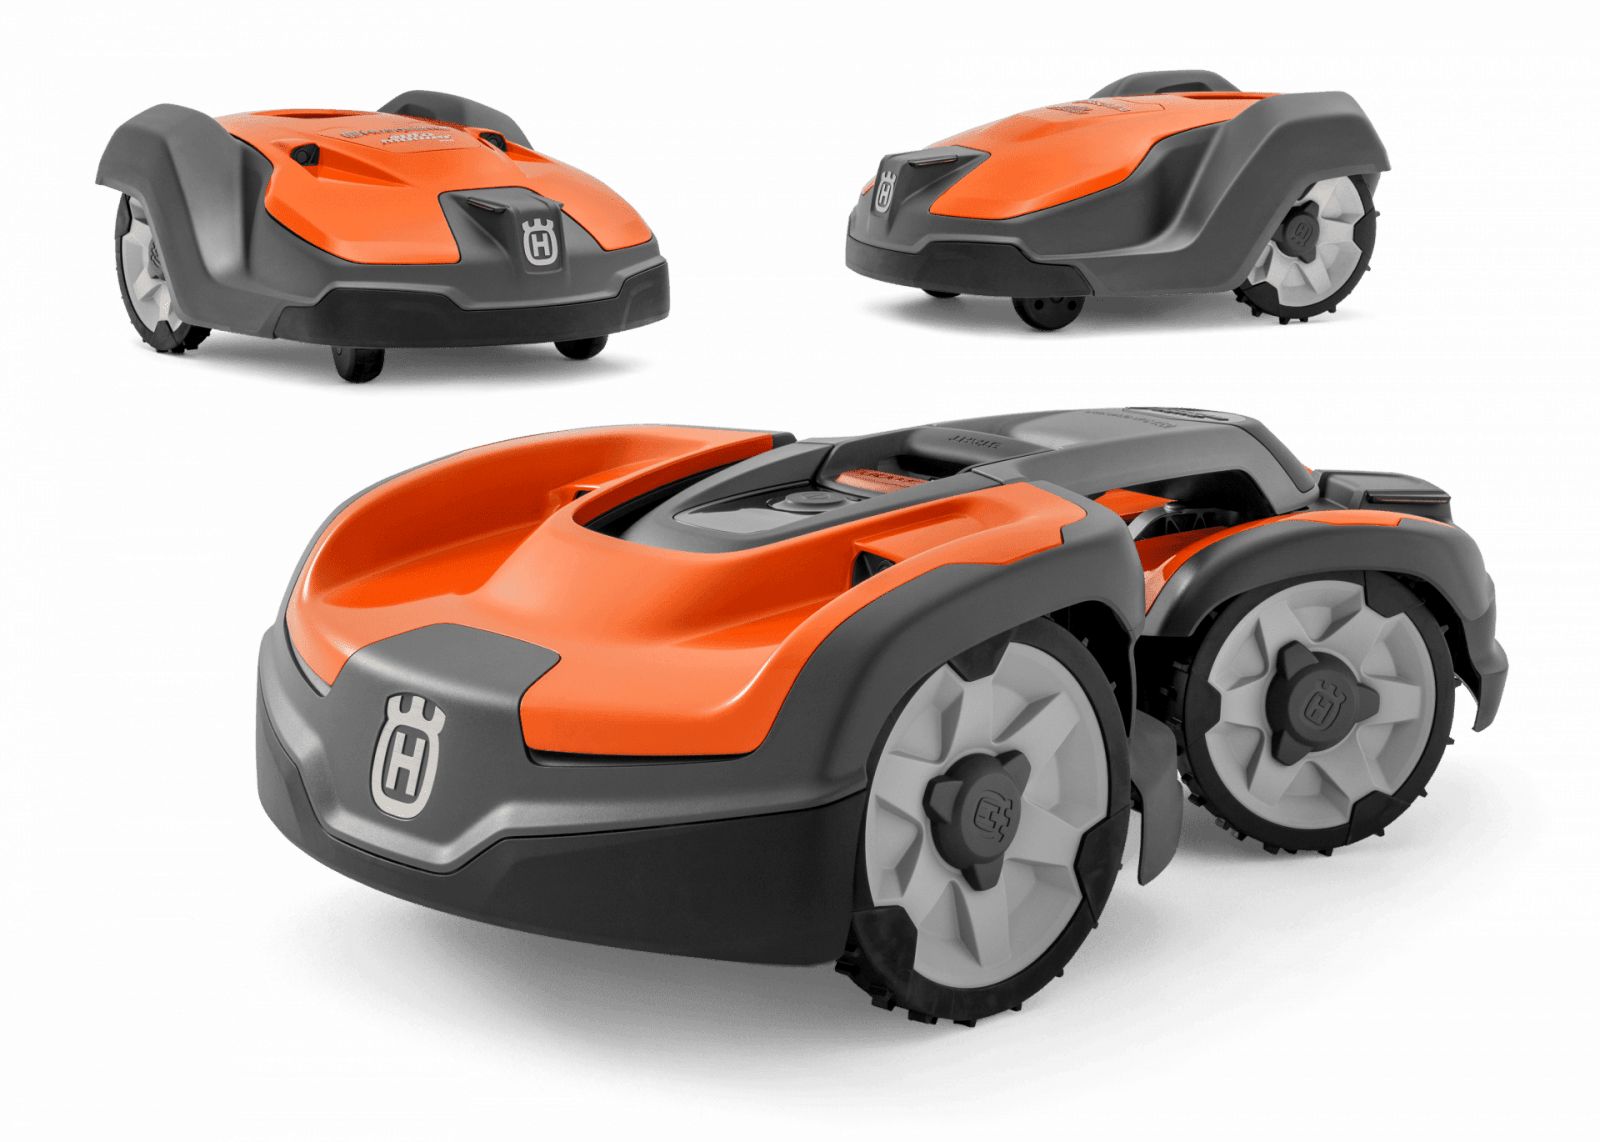 Газонокосилки-роботы Husqvarna теперь работают через спутник (husqvarna automower professional 1)